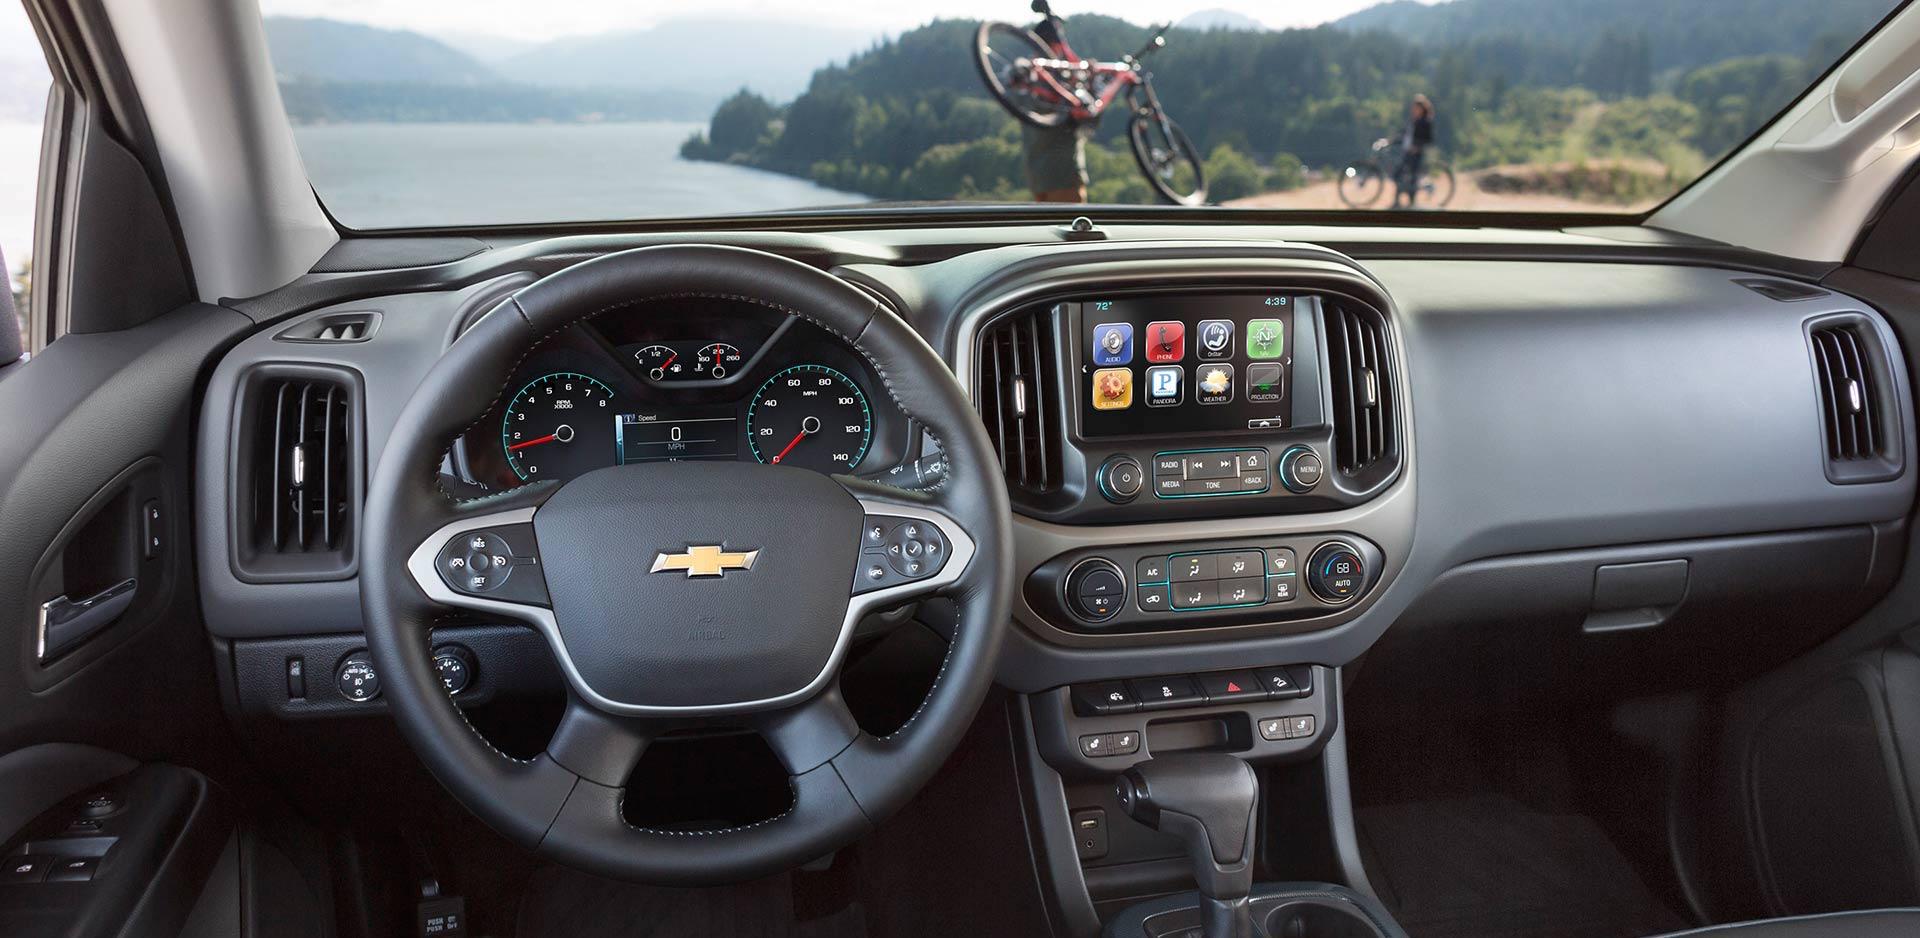 Chevy Colorado Technology